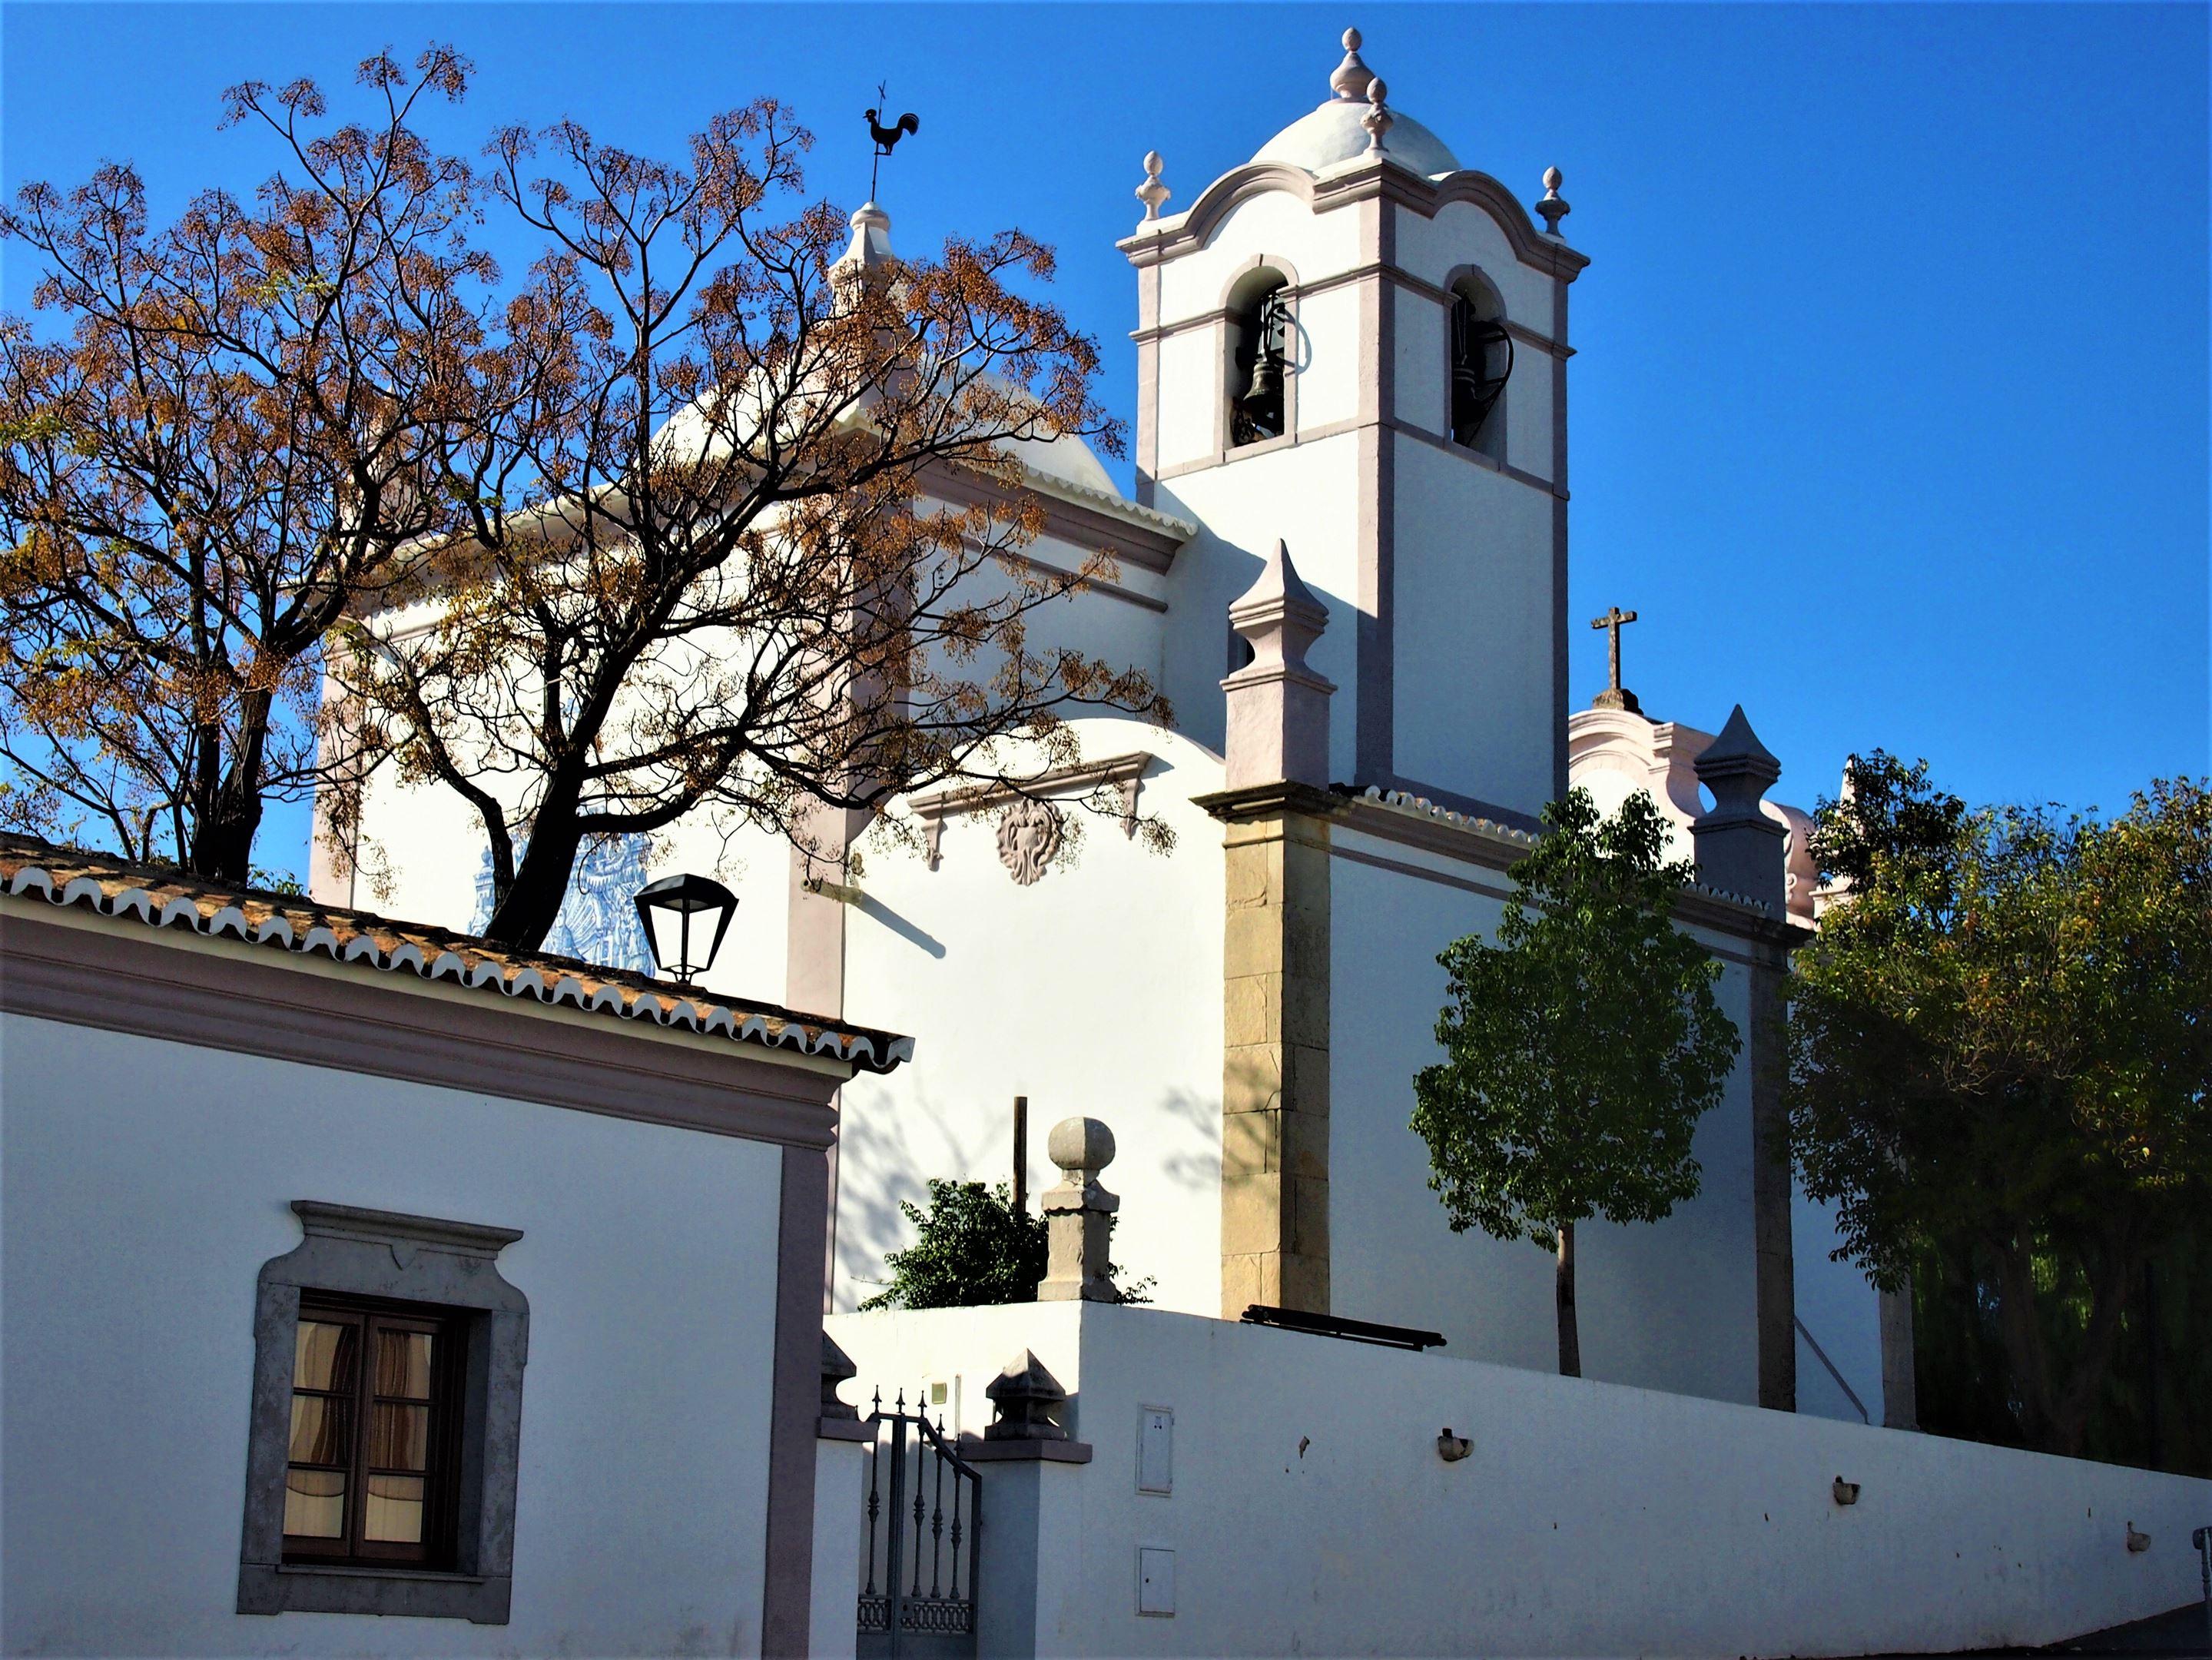 The church of São Lourenço de Almancil